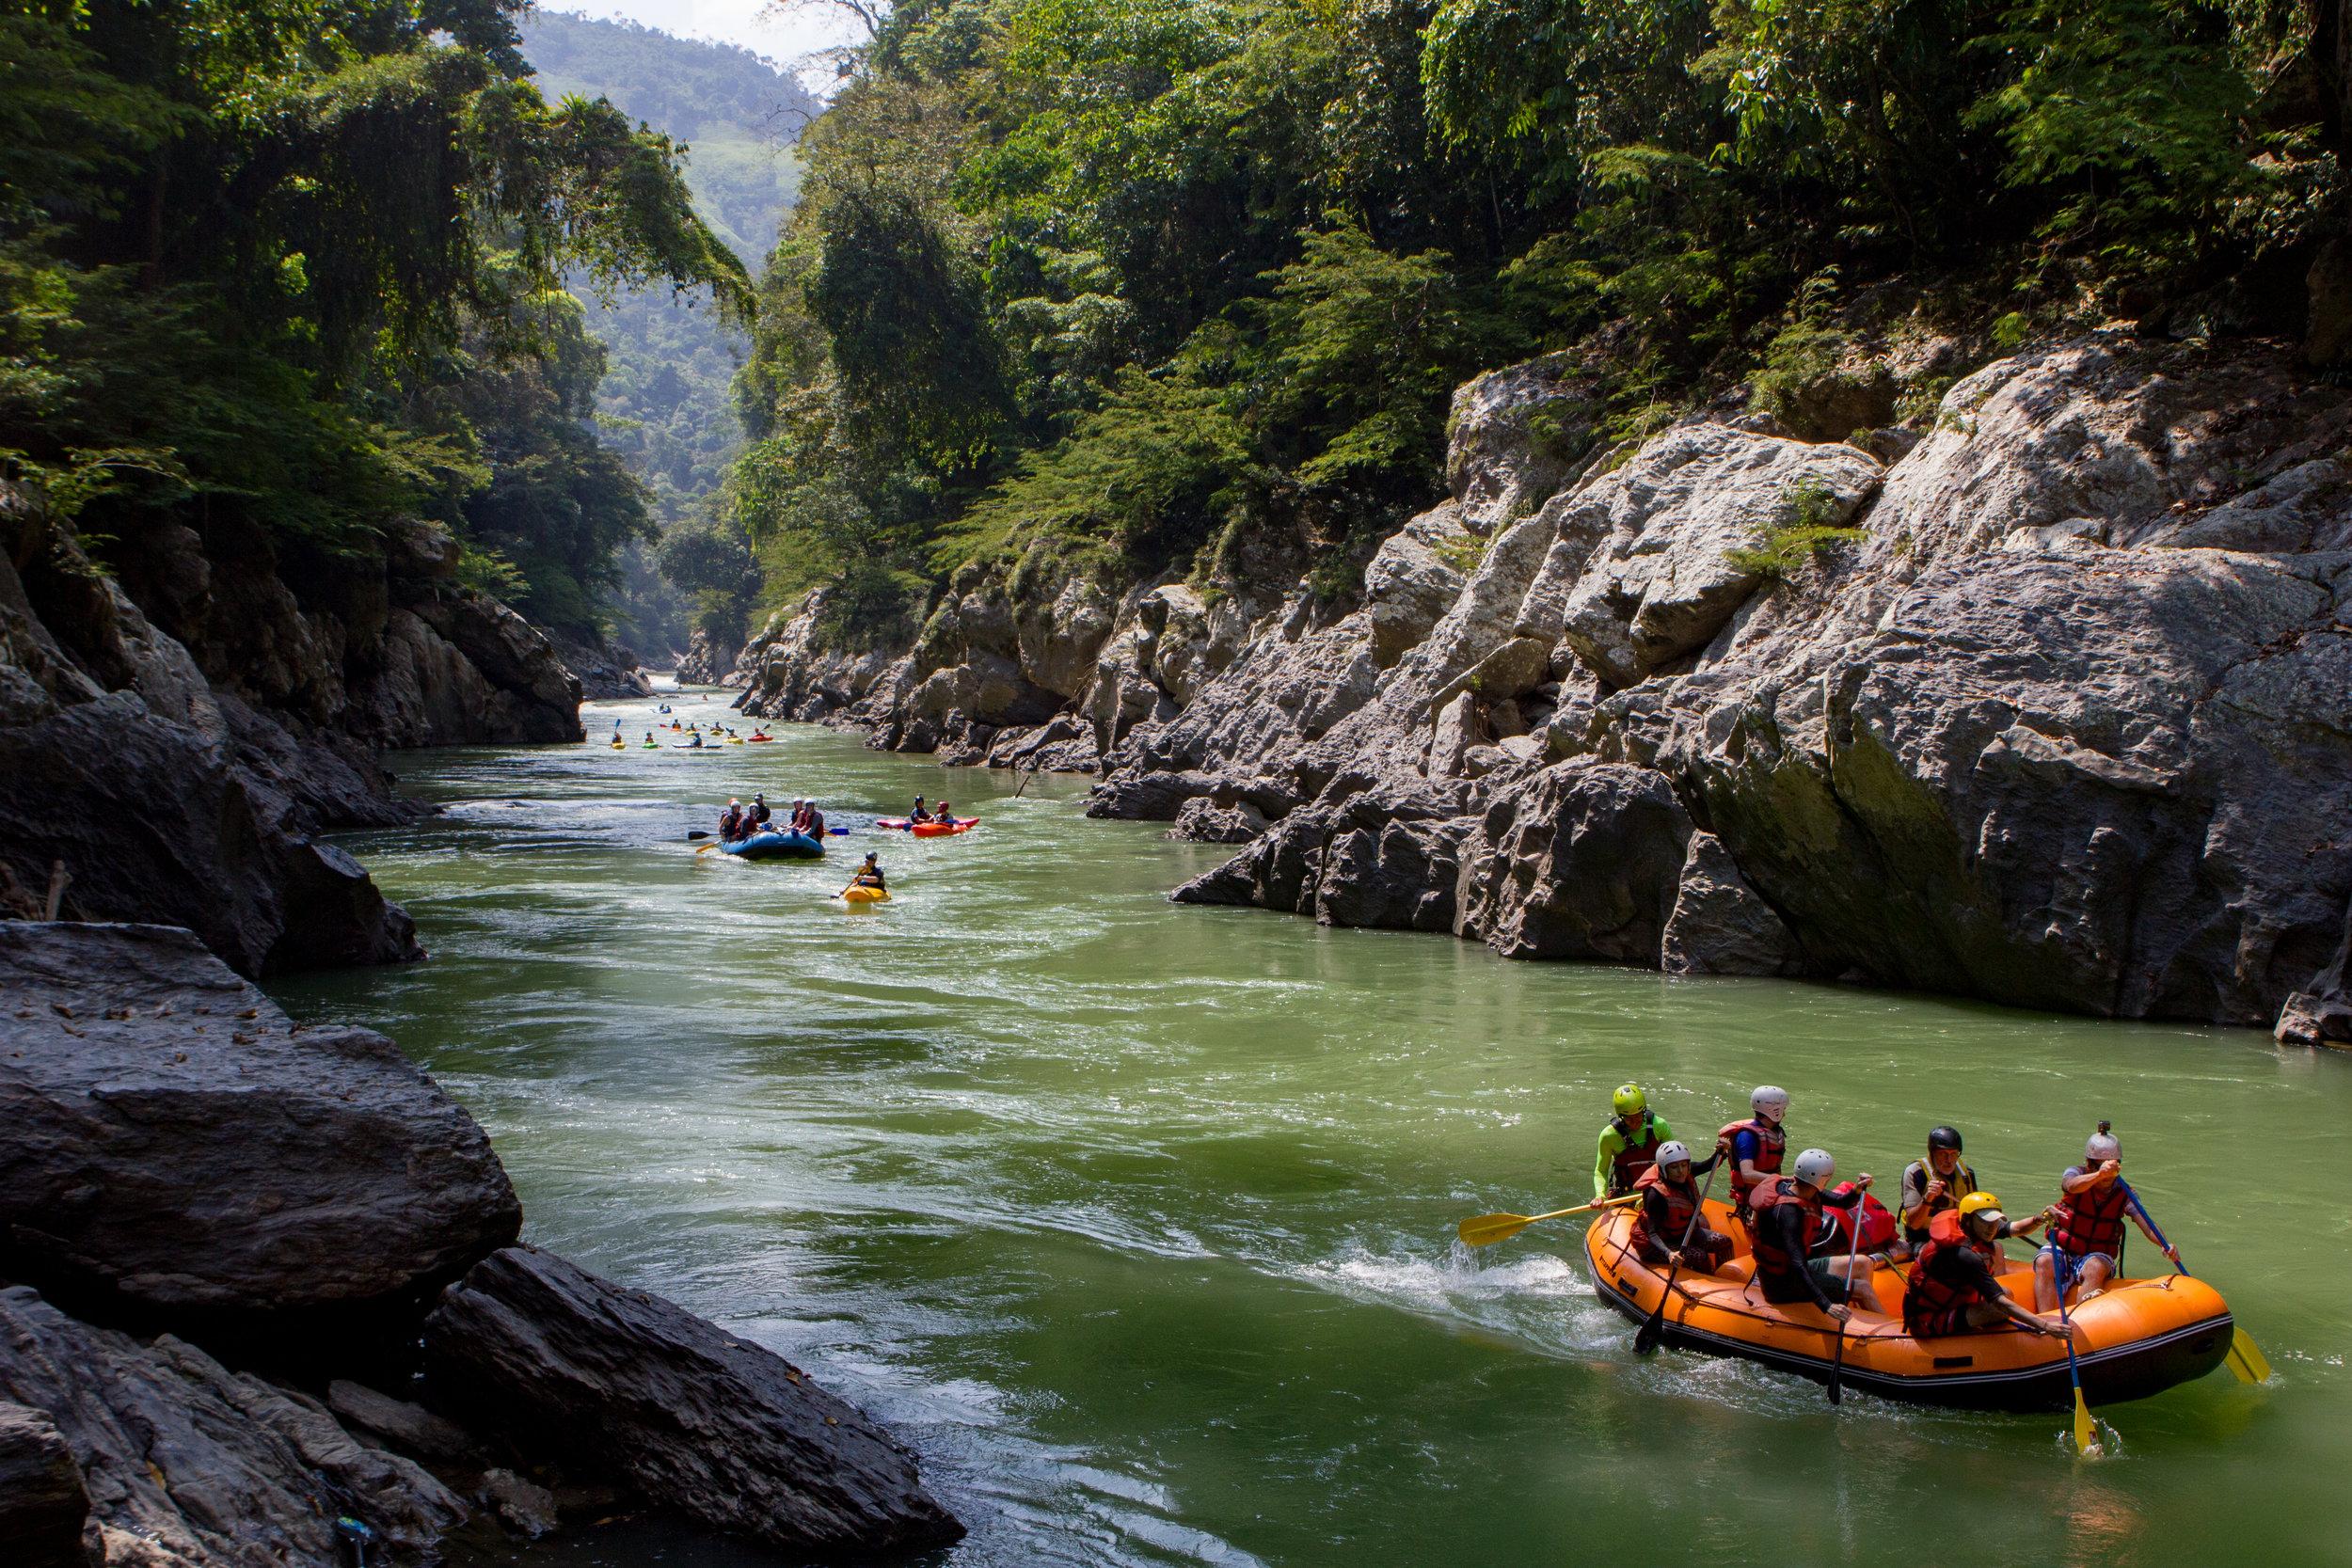 El Rafting es la mejor maneja de descubrir el Rio Samana, Jules Domine.jpg